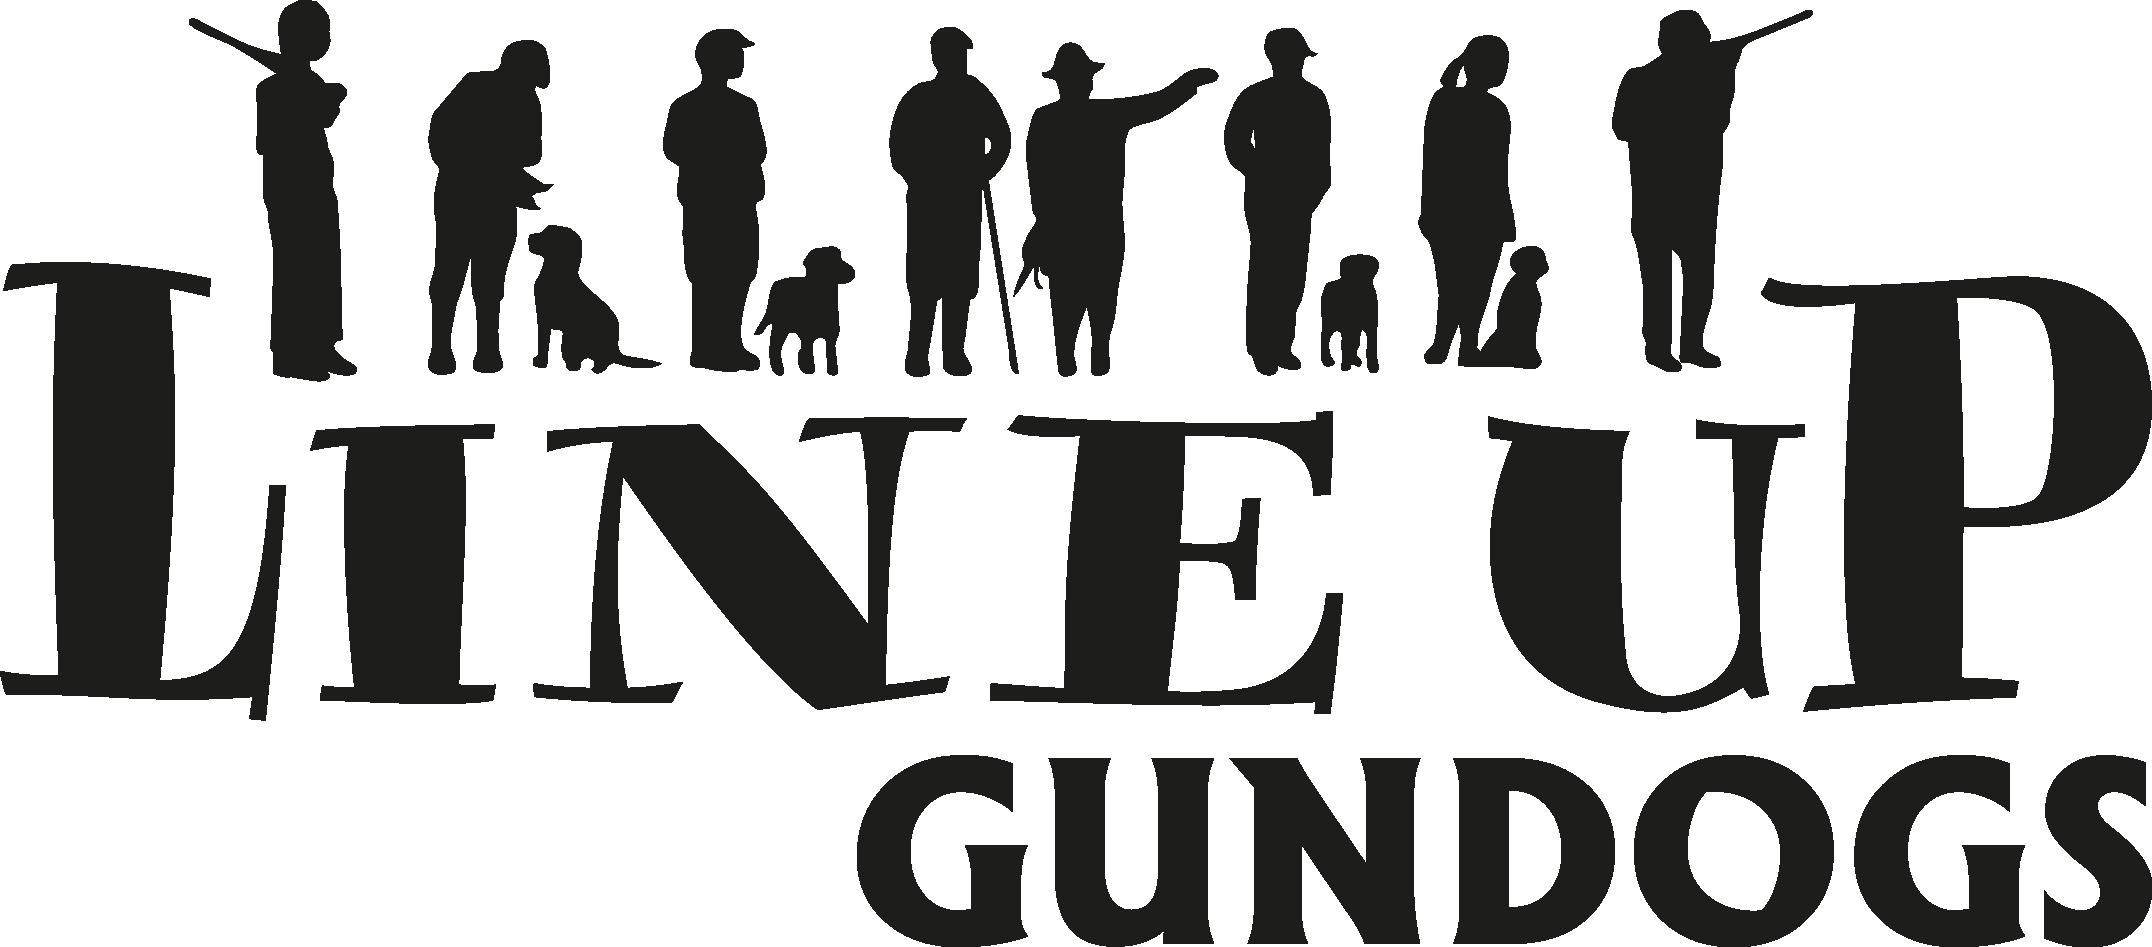 LineUp Gundogs